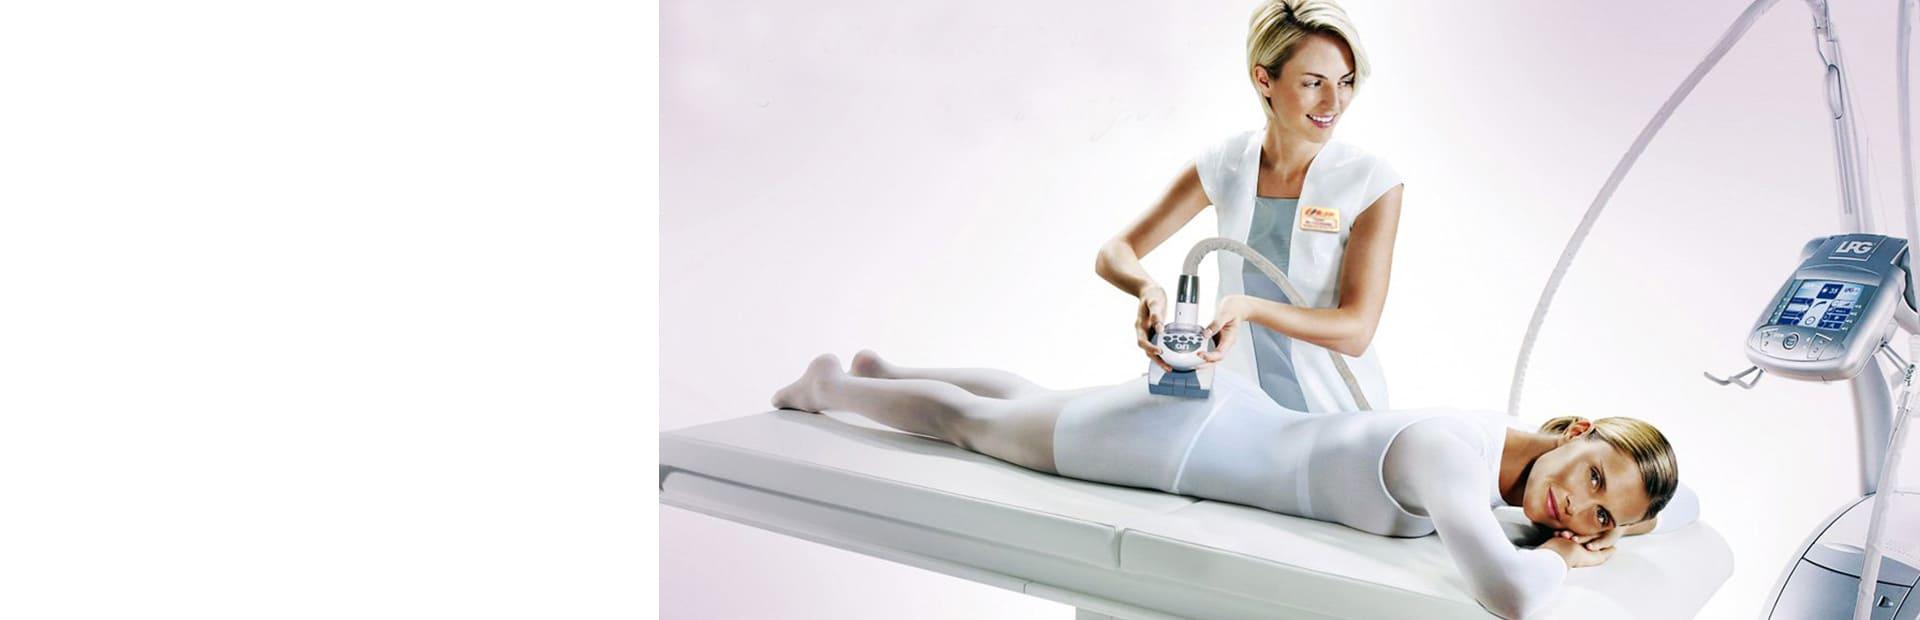 LPG (вакуумный массаж)